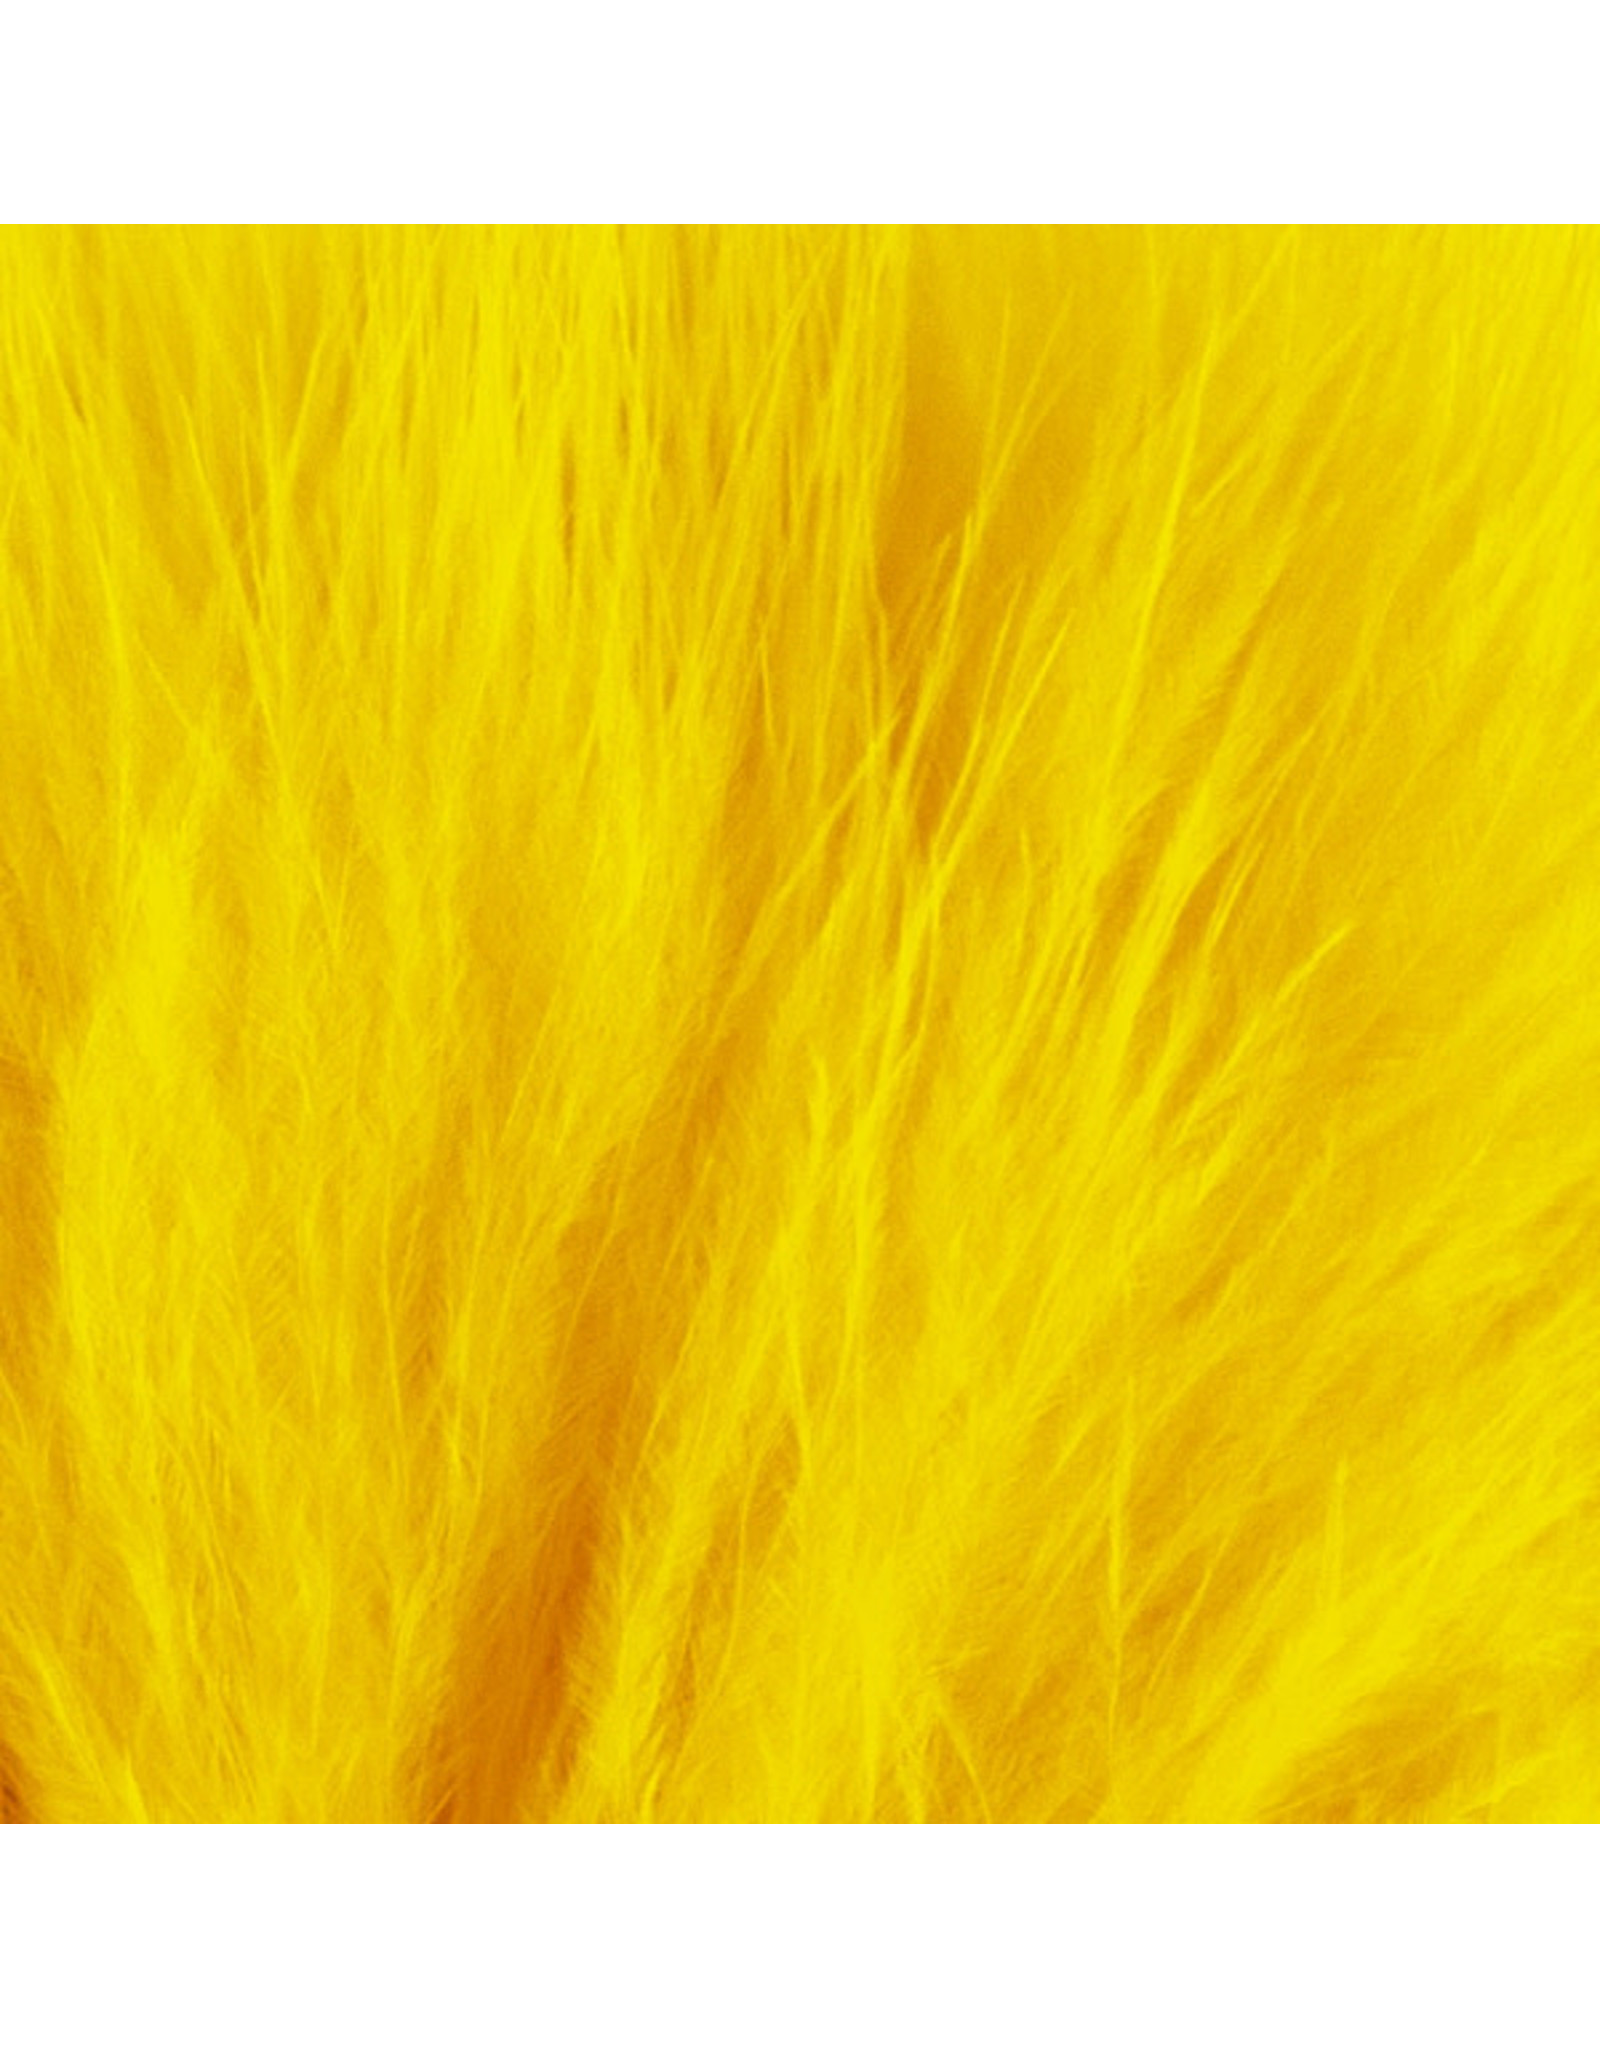 SHOR SHOR Marabou 1/4oz - Yellow